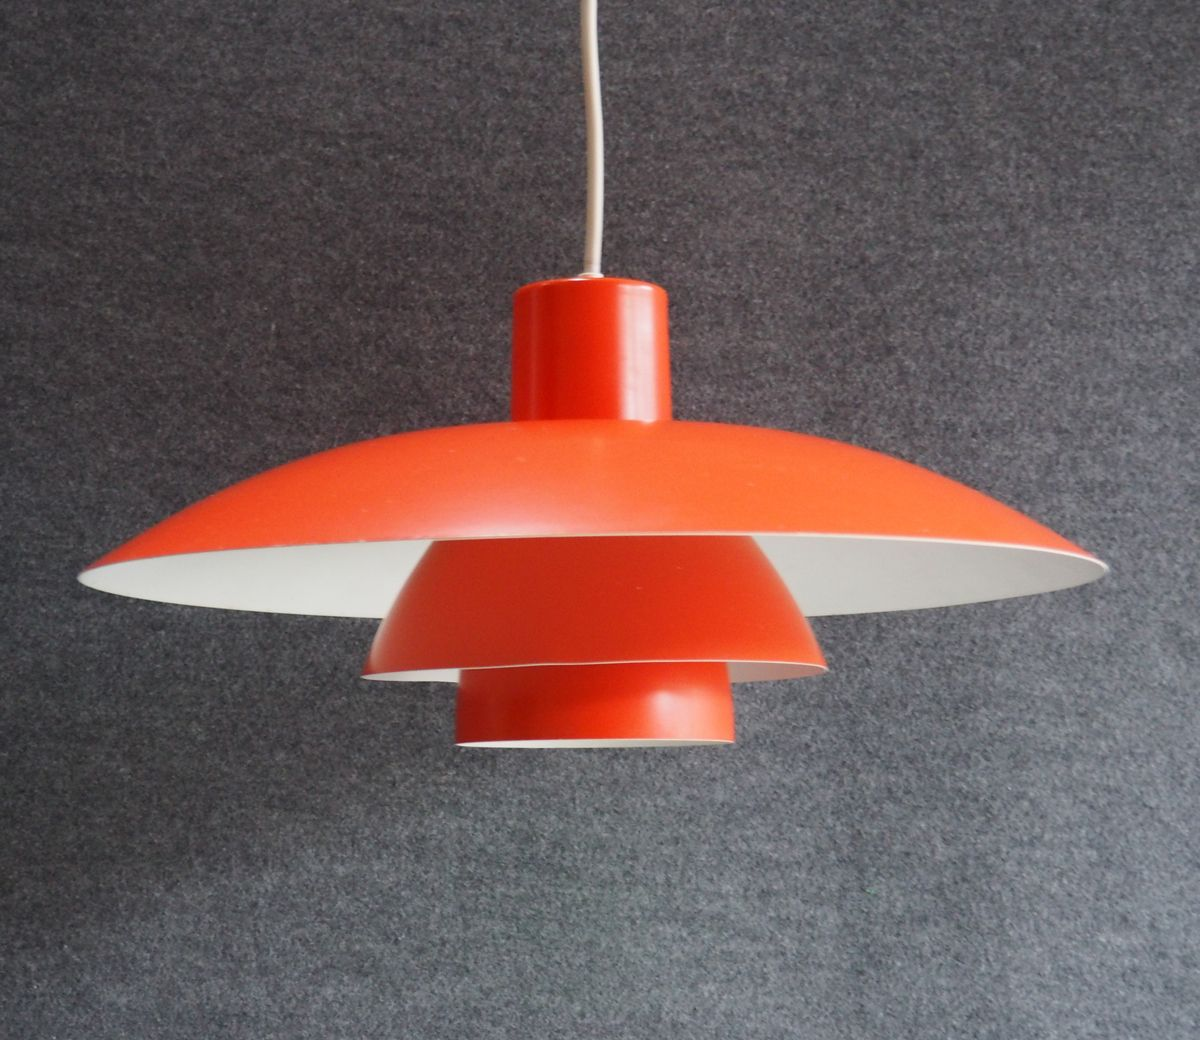 lampe suspension mod le ph4 3 vintage orange par poul henningsen pour louis poulsen en vente. Black Bedroom Furniture Sets. Home Design Ideas